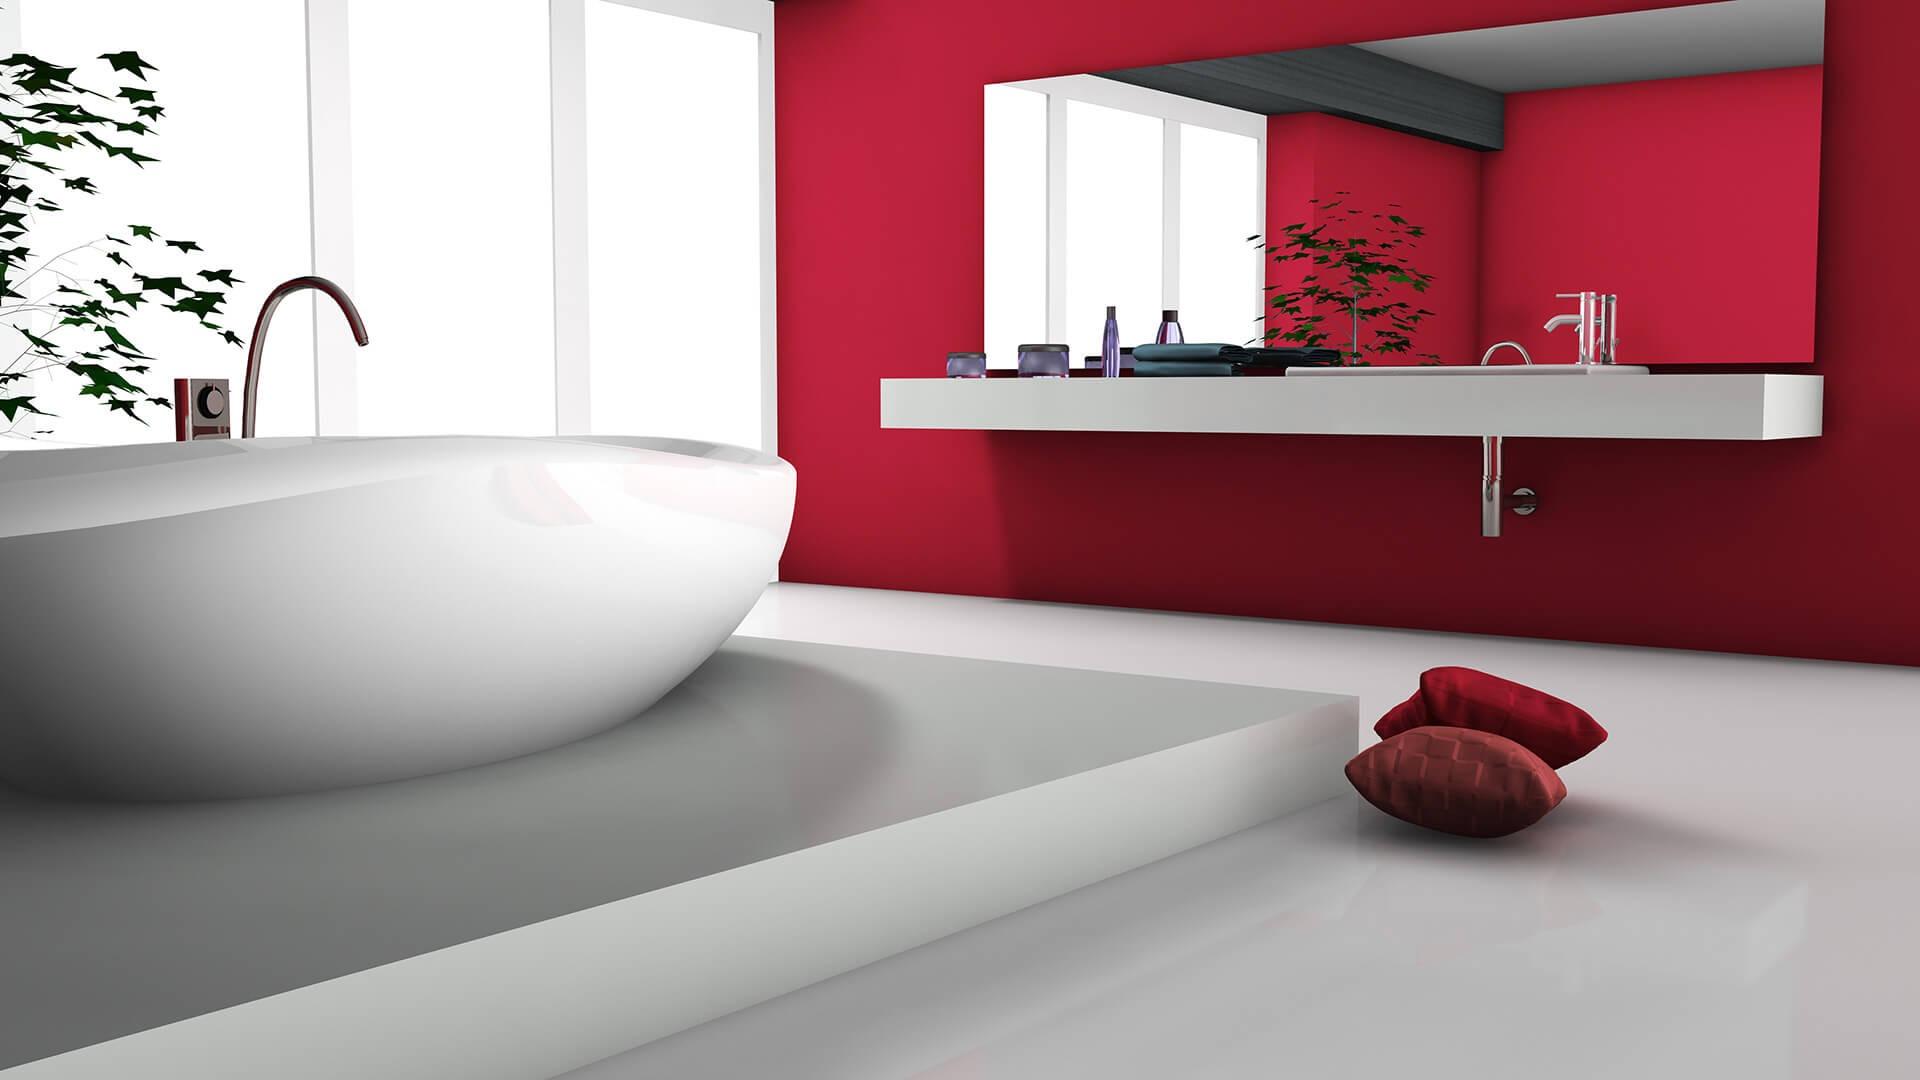 Couleur Vert Salle De Bain quelle peinture choisir pour sa salle de bain ? conseils et avis